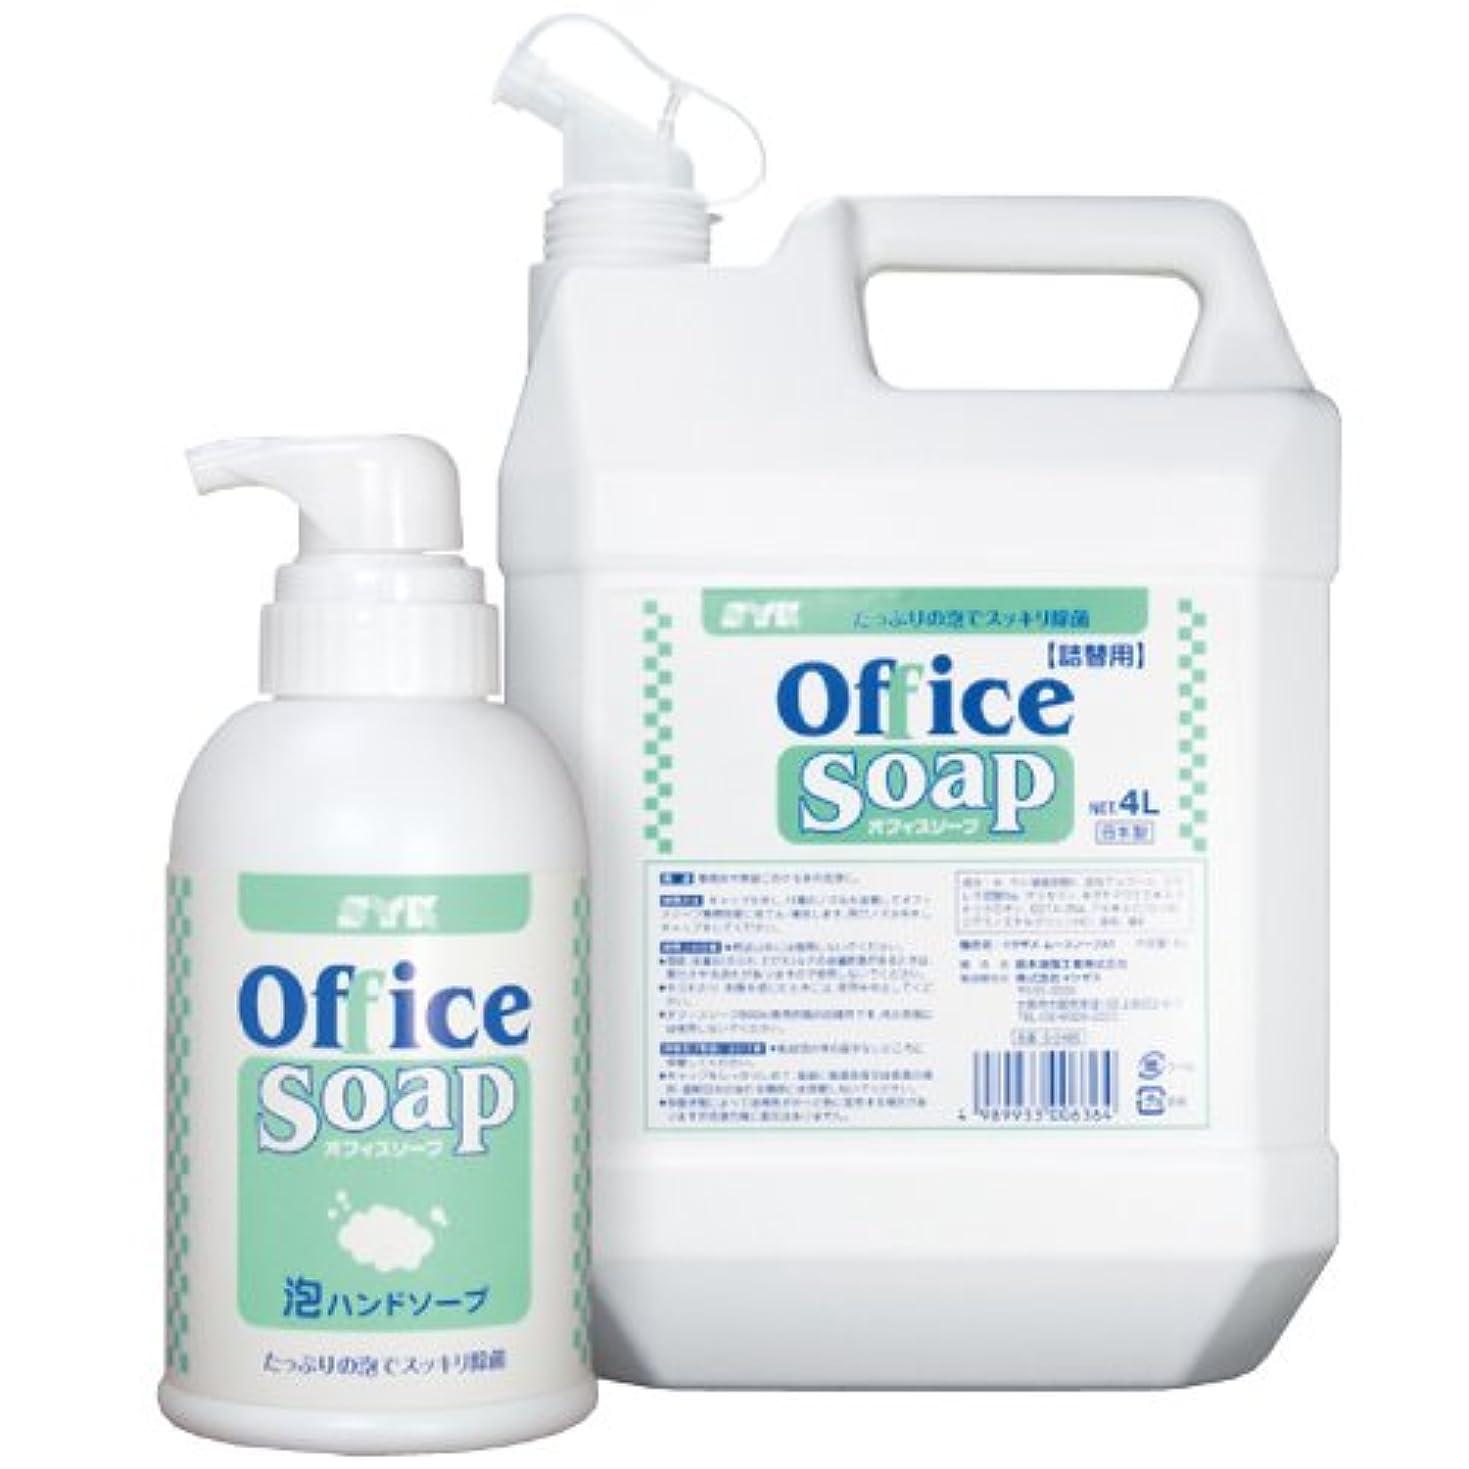 溶融散歩に行くにもかかわらず鈴木油脂 事務所用手洗い洗剤 業務用 オフィスソープ ポンプ入 780ml×3本